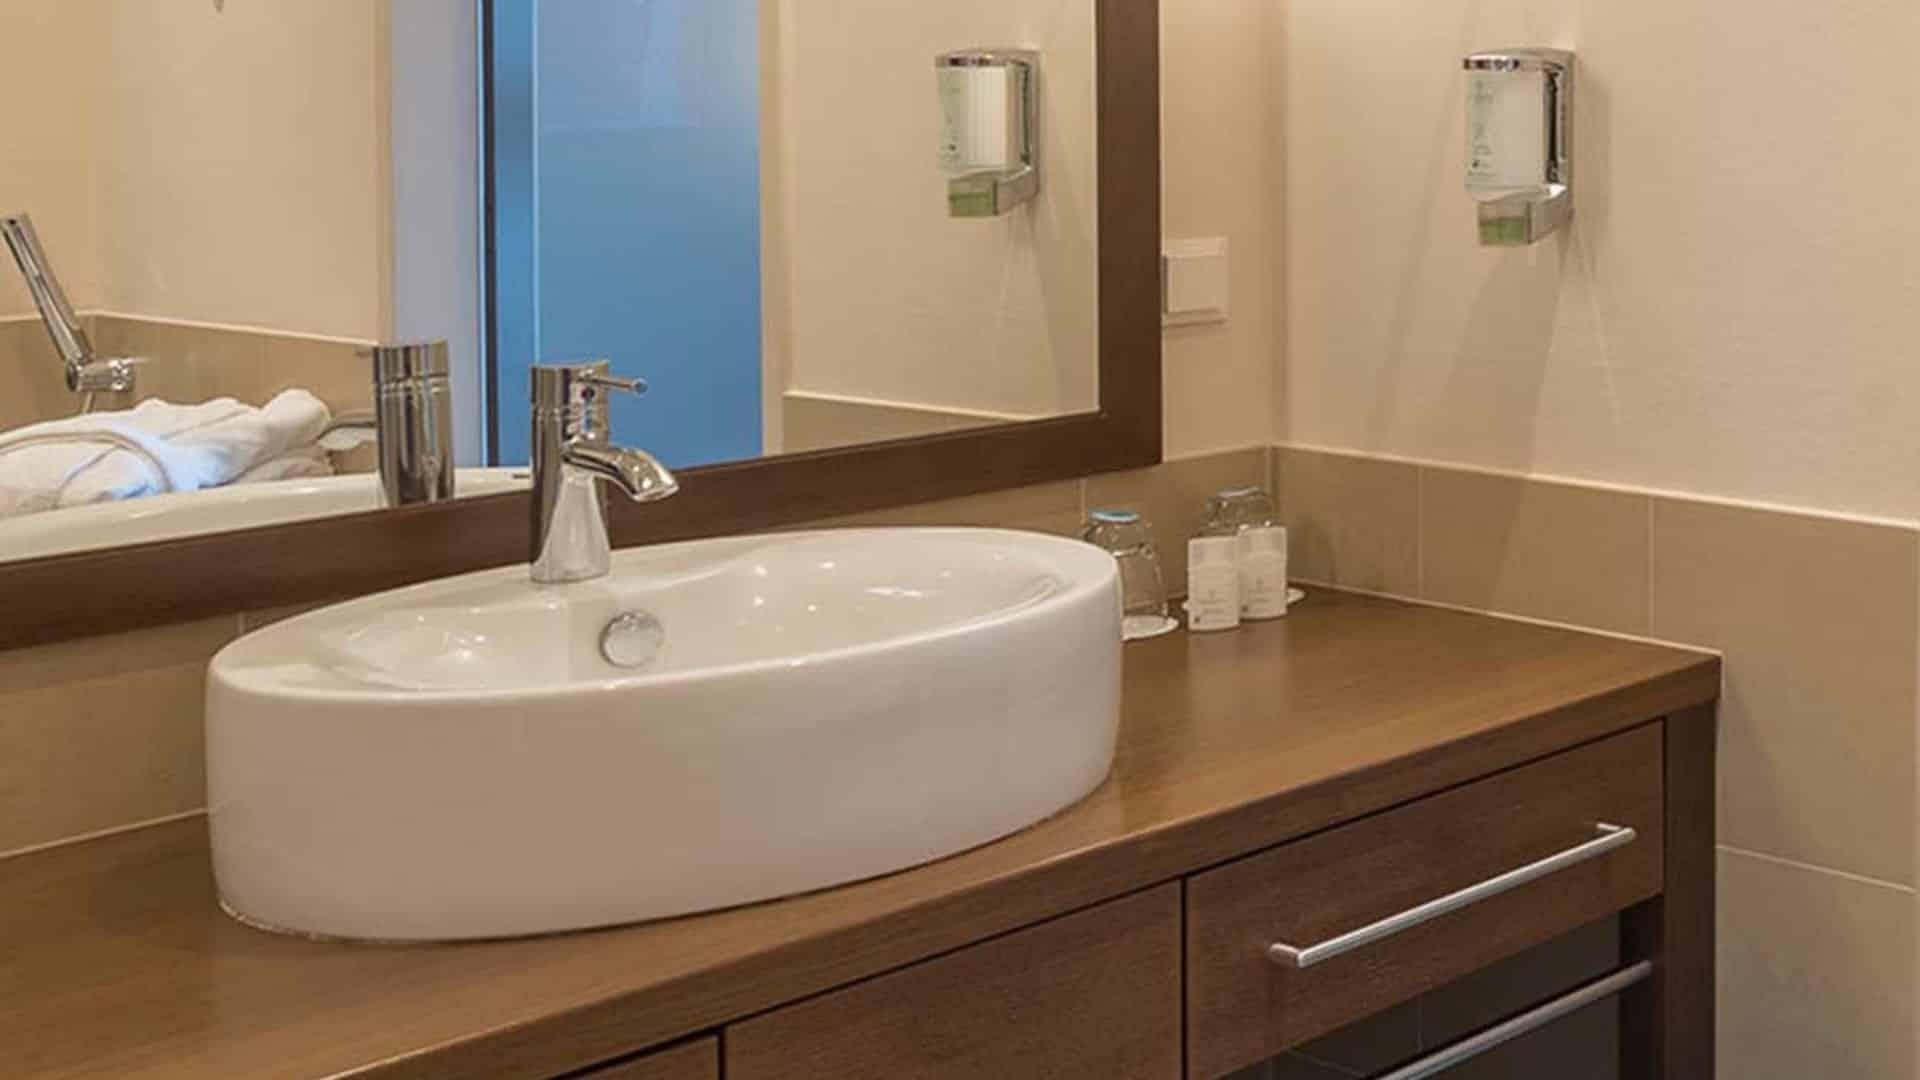 Badezimmer im Doppelzimmer im Wellnesshotel